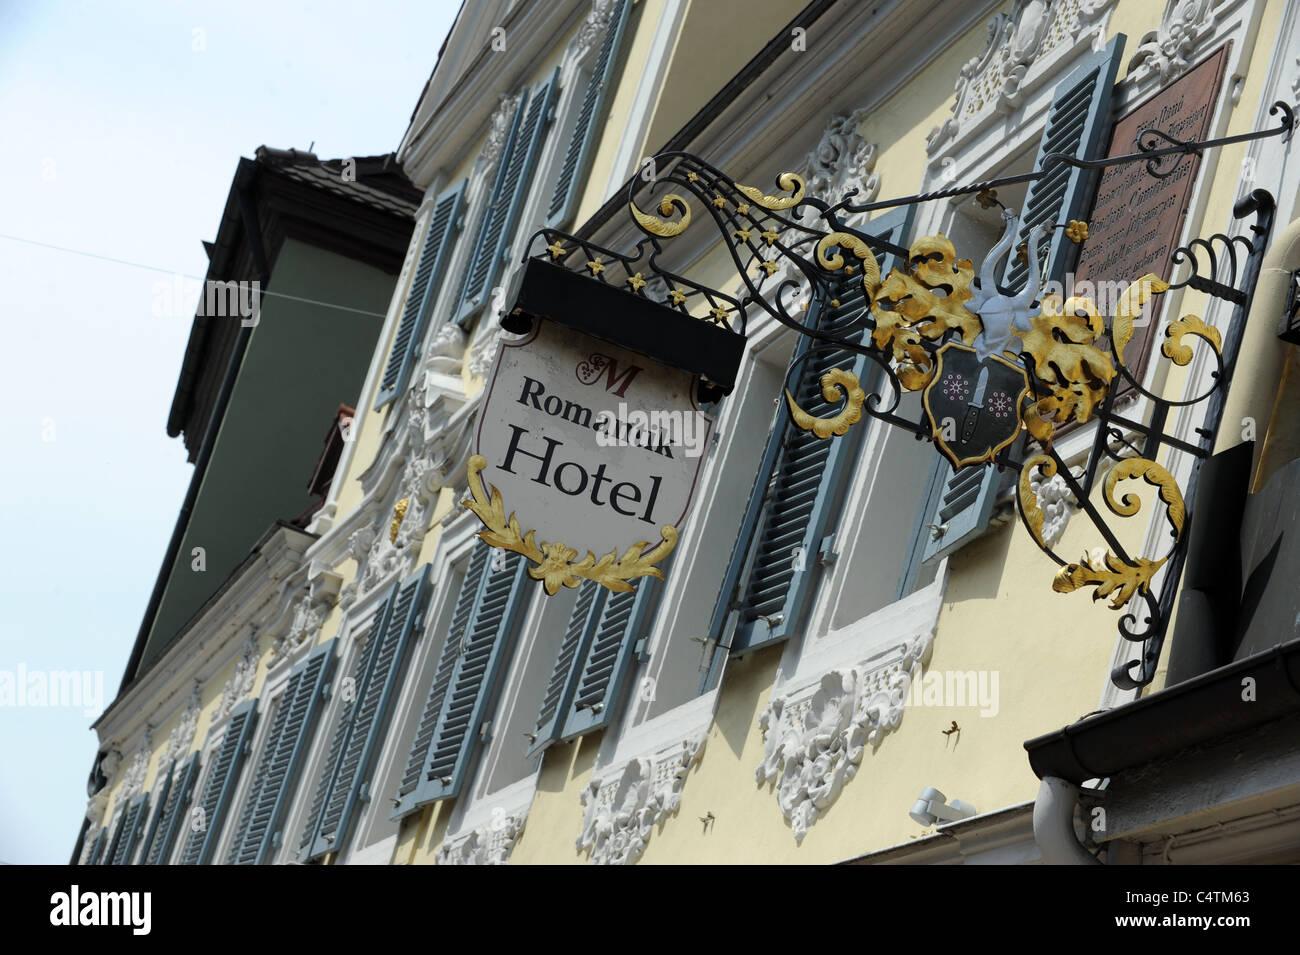 Dekorative Hotelschild in Bamberg Bayern Deutschland Deutschland Stockbild